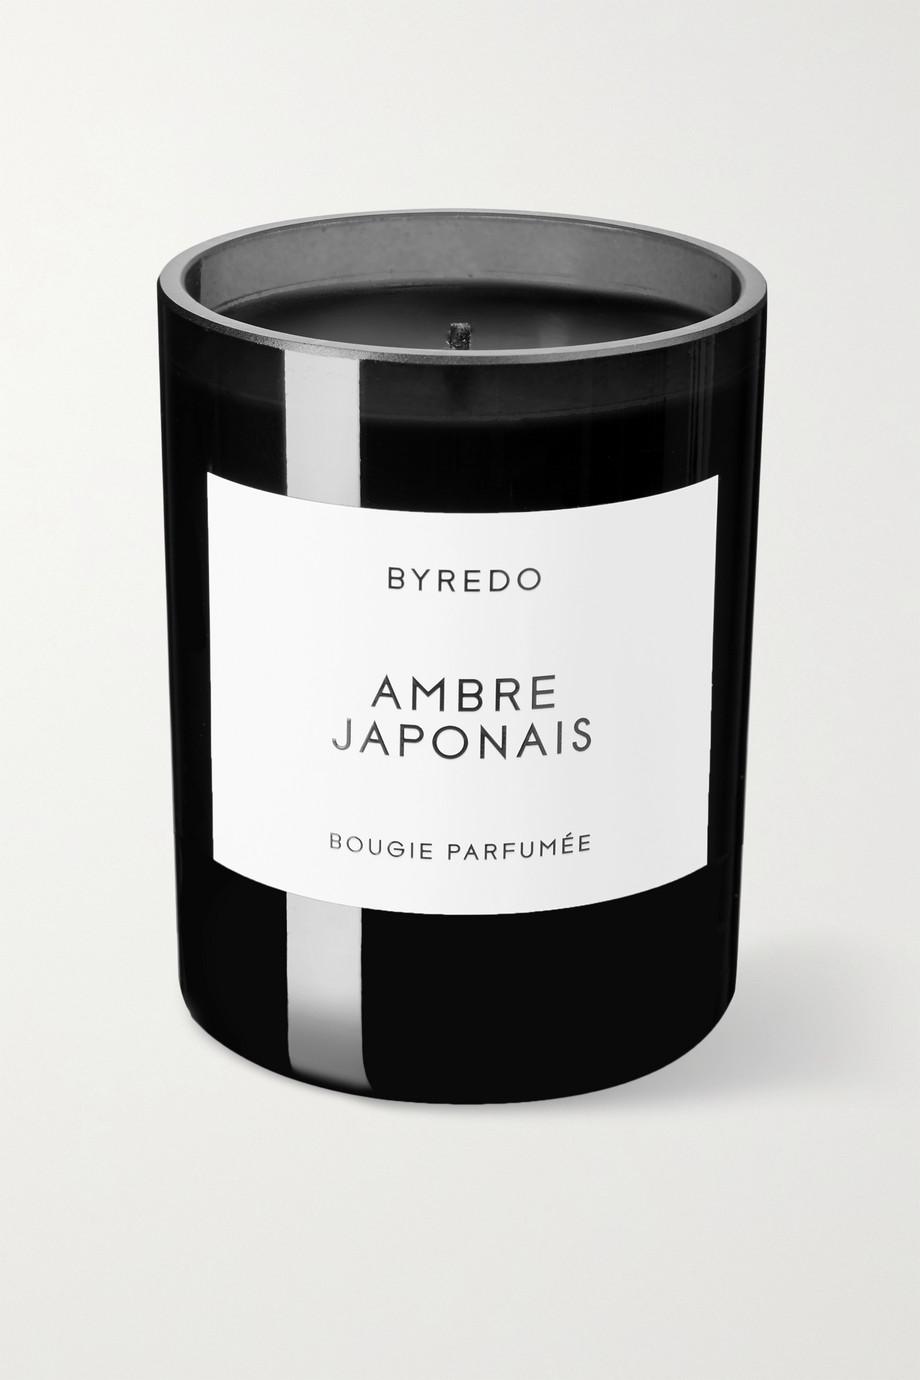 Byredo Ambre Japonais Scented Candle, 240g